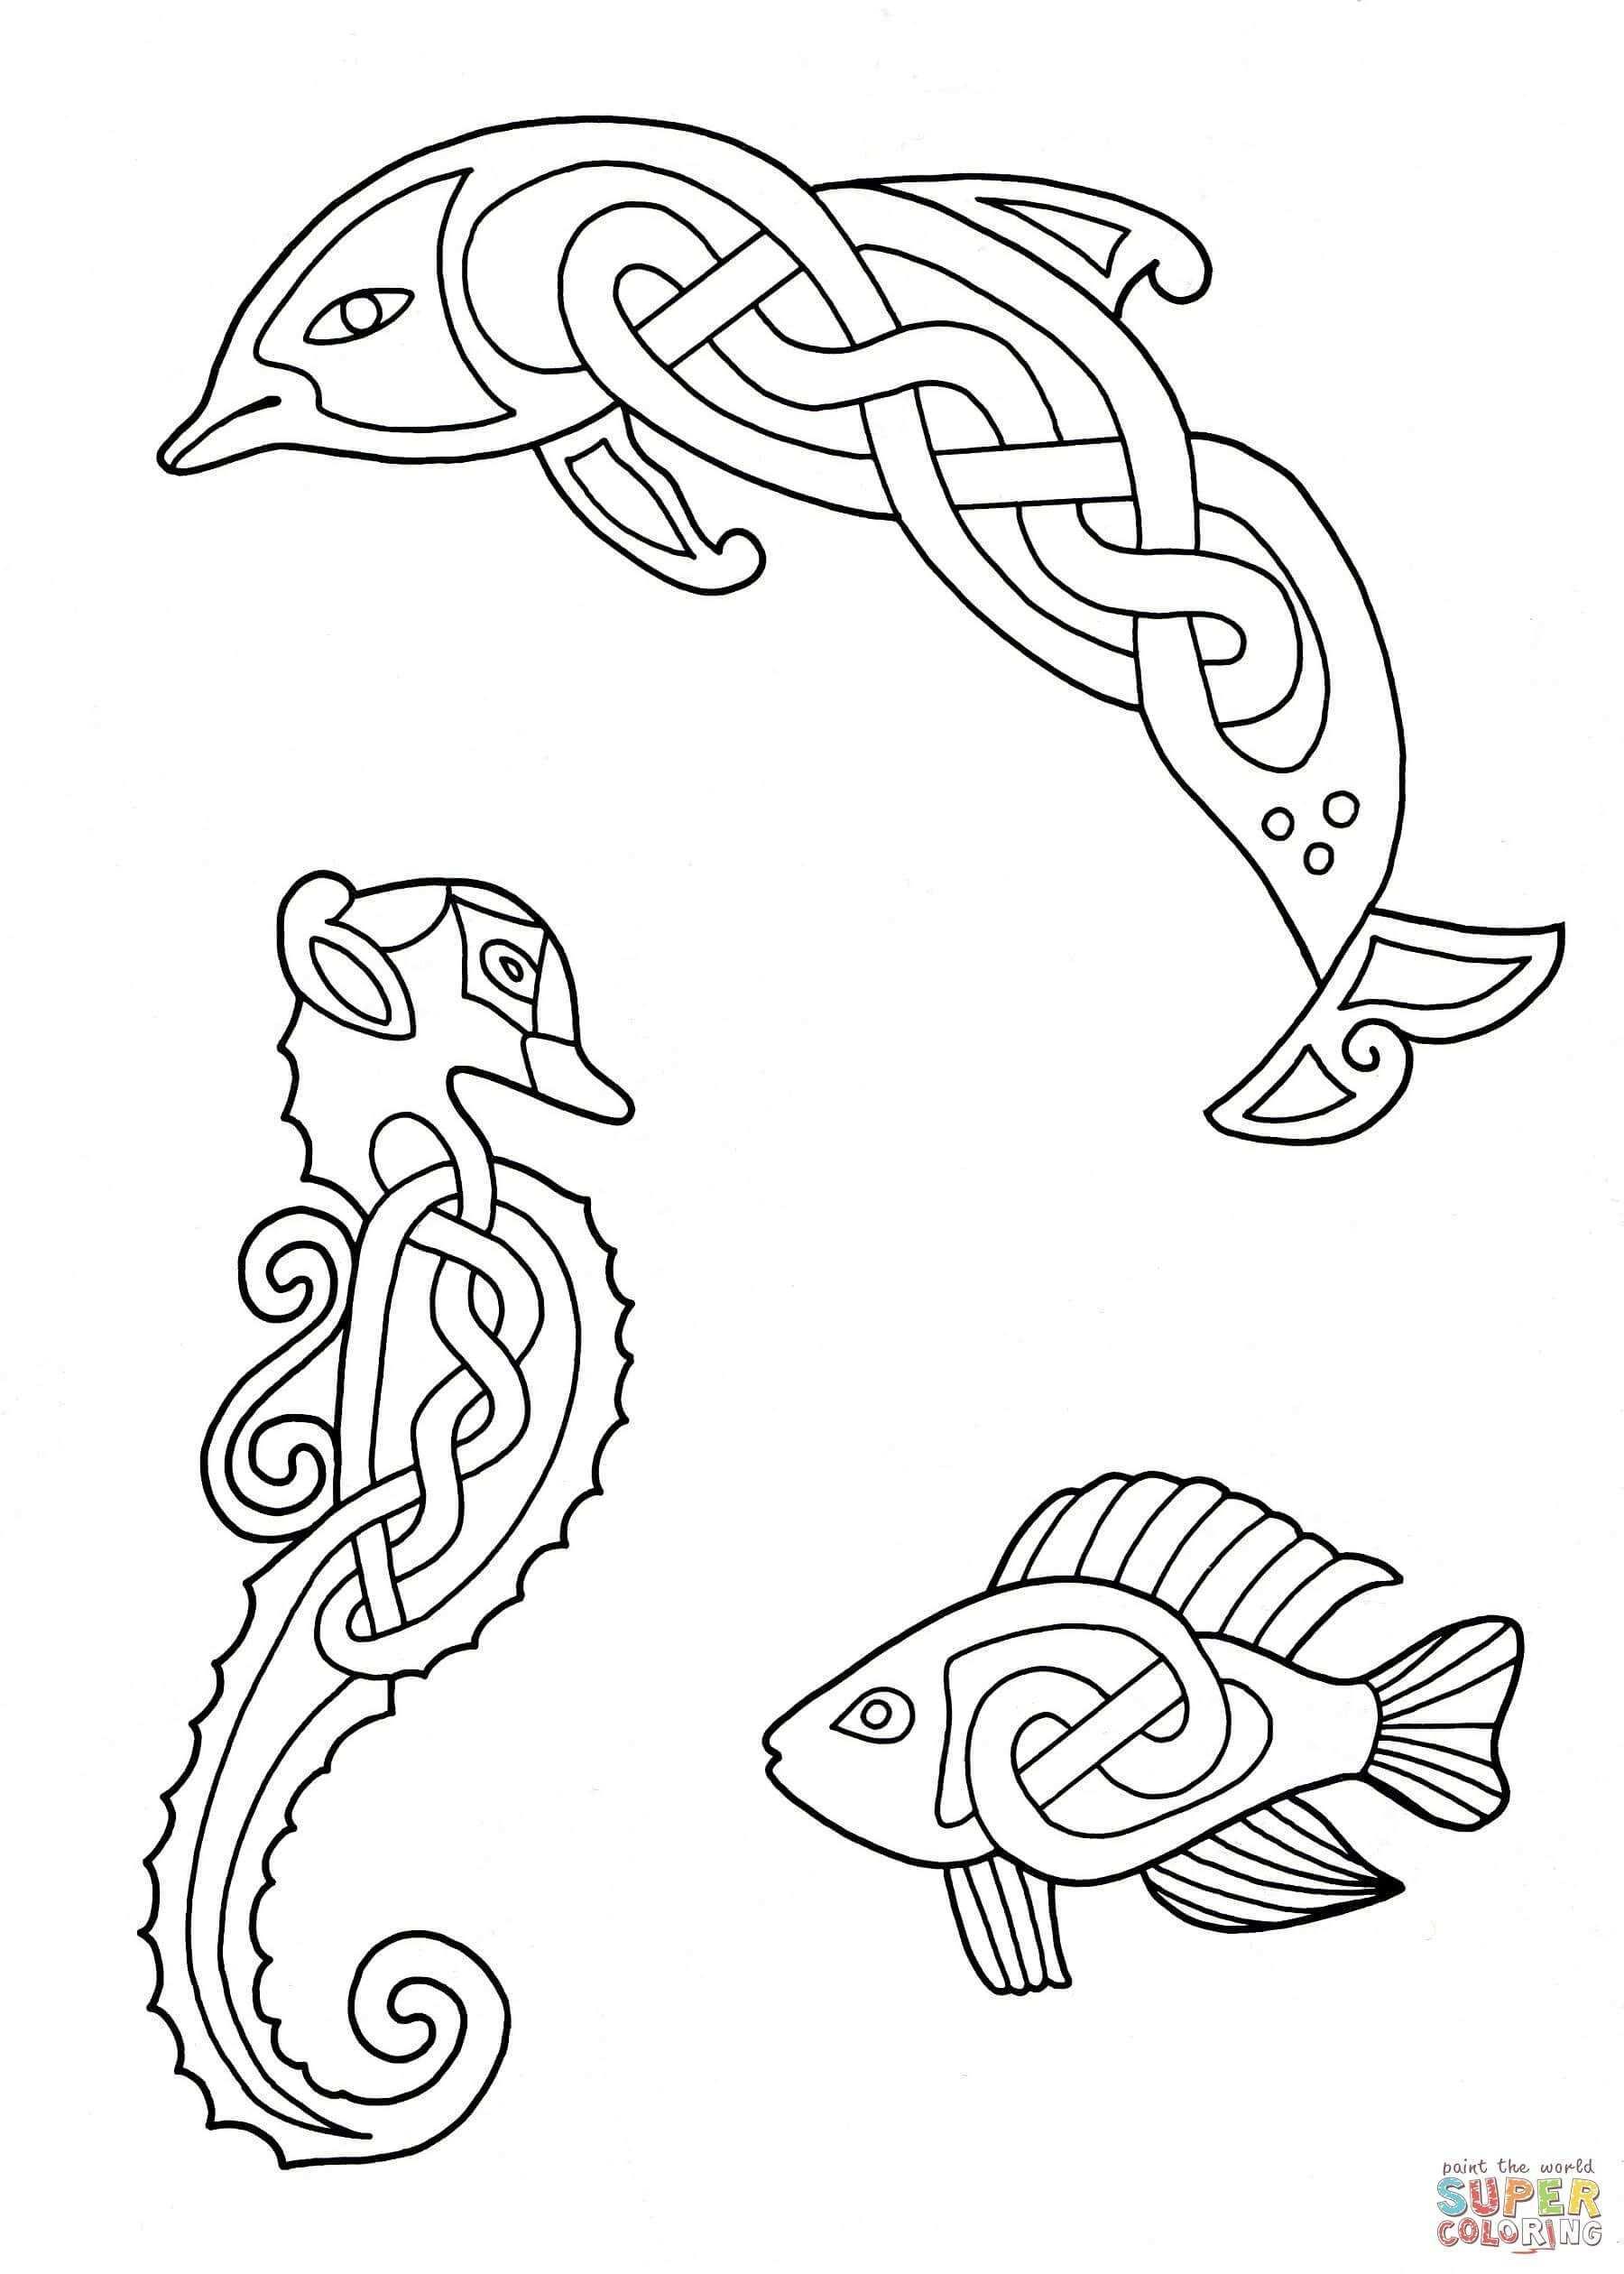 Ausmalbild Tierdarstellungen Mit Keltischen Mustern 3 Kategorien Keltische Kunst Kostenlose Ausmalbilder In Celtic Quilt Keltischer Knoten Designs Keltisch